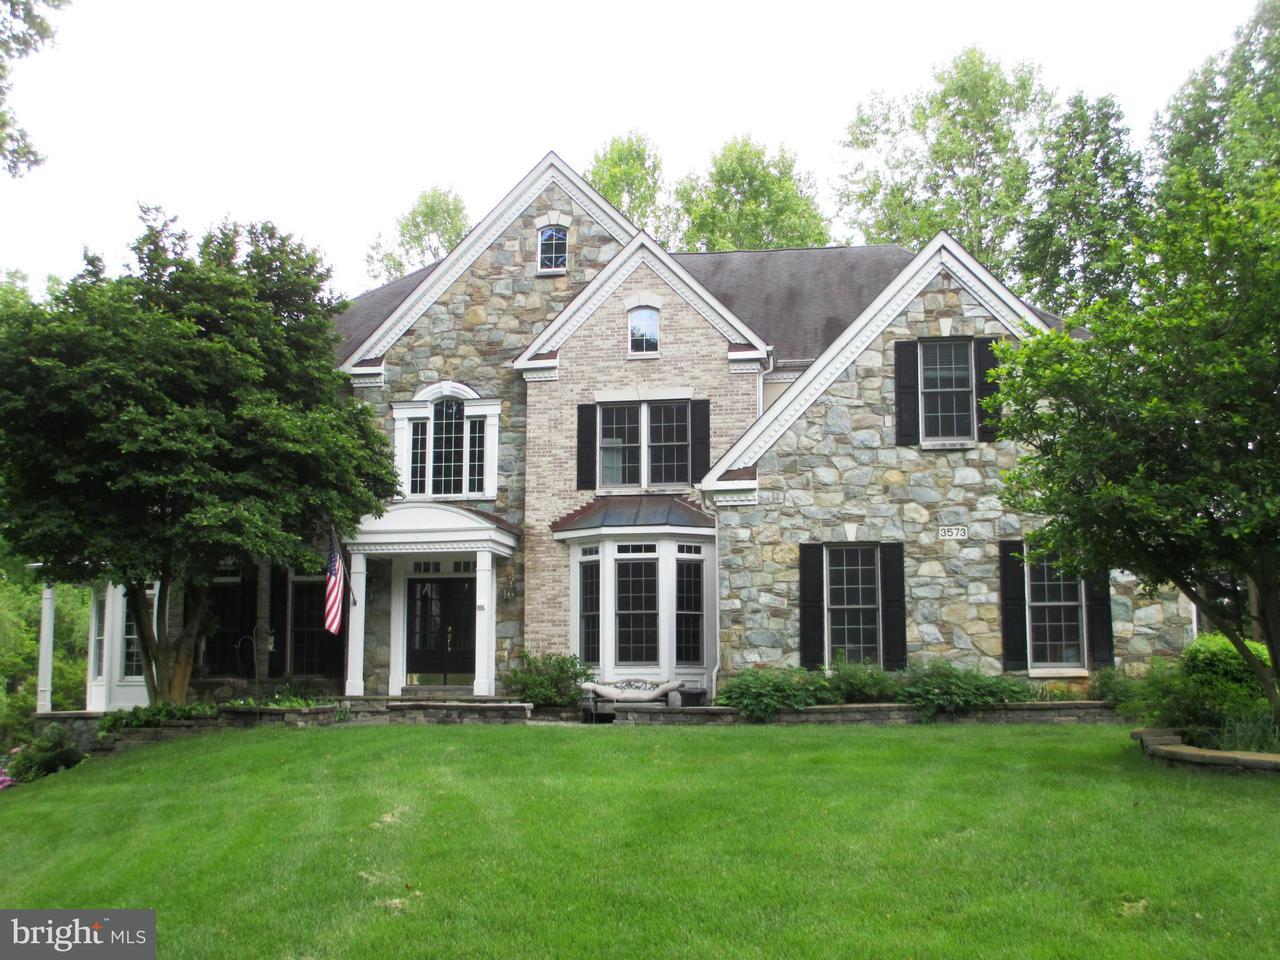 一戸建て のために 売買 アット 3573 Ashland Drive 3573 Ashland Drive Davidsonville, メリーランド 21035 アメリカ合衆国